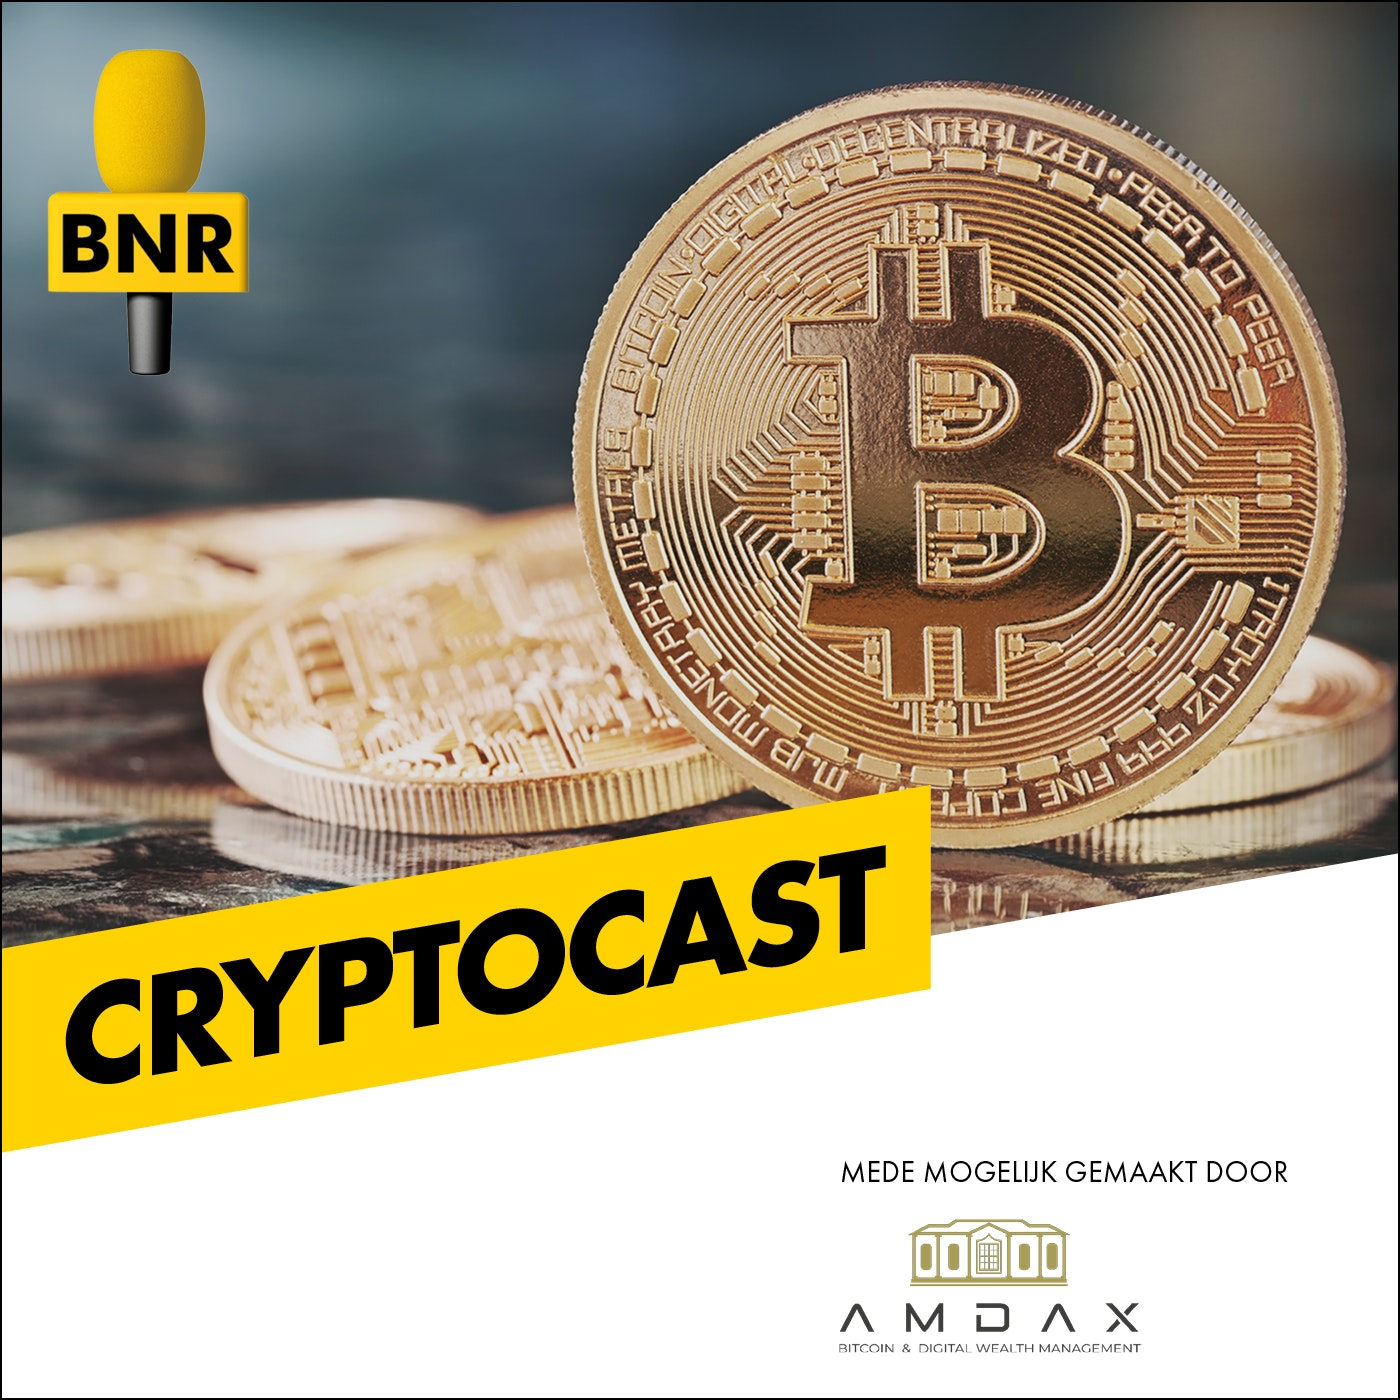 Cryptocast | BNR logo